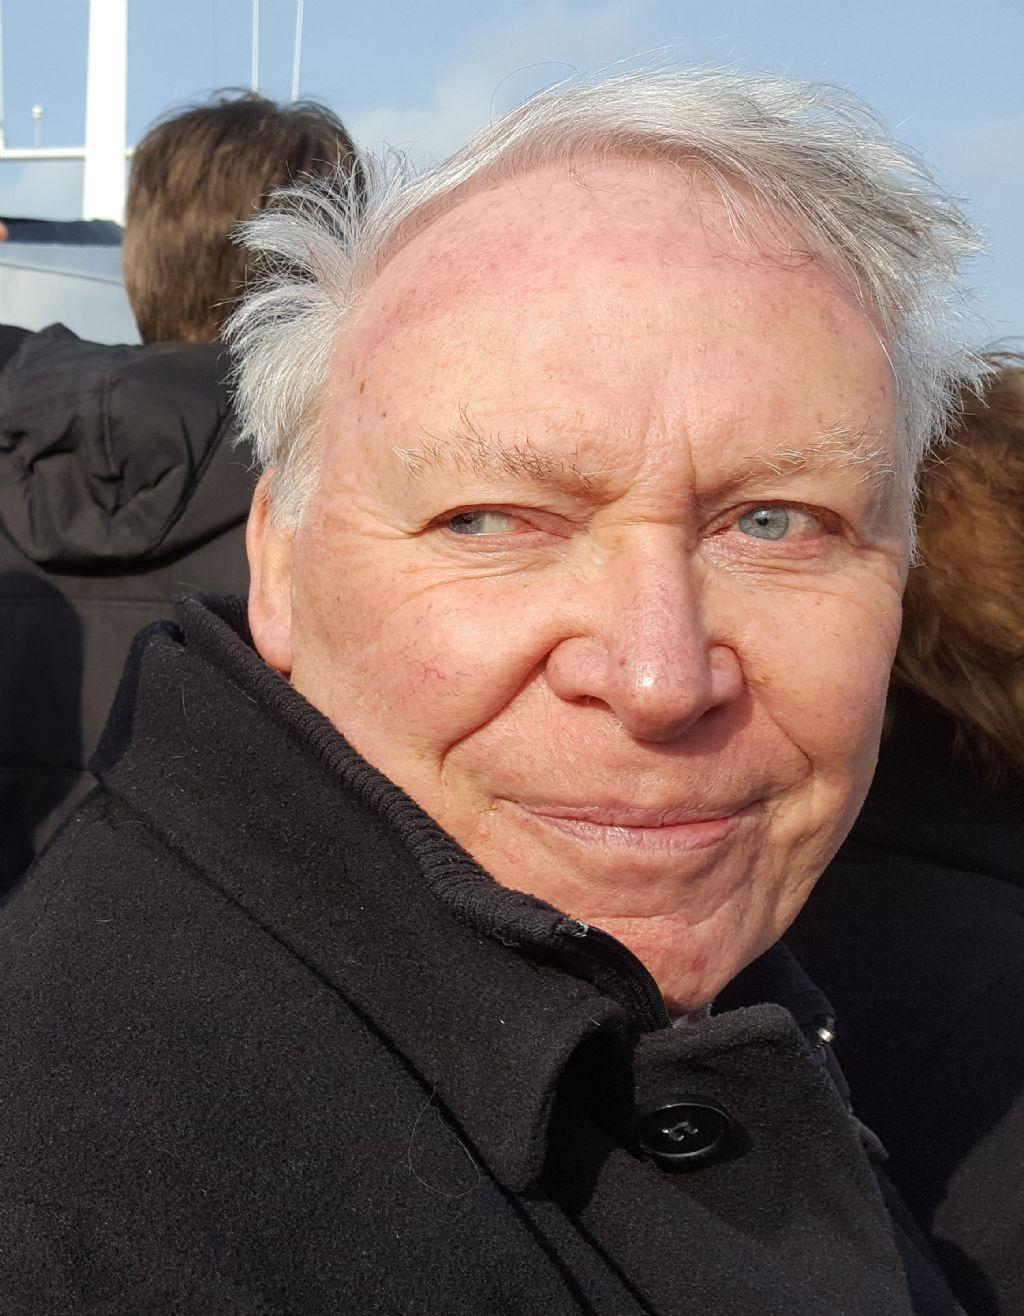 Arch. ir. Rik Van Rossen